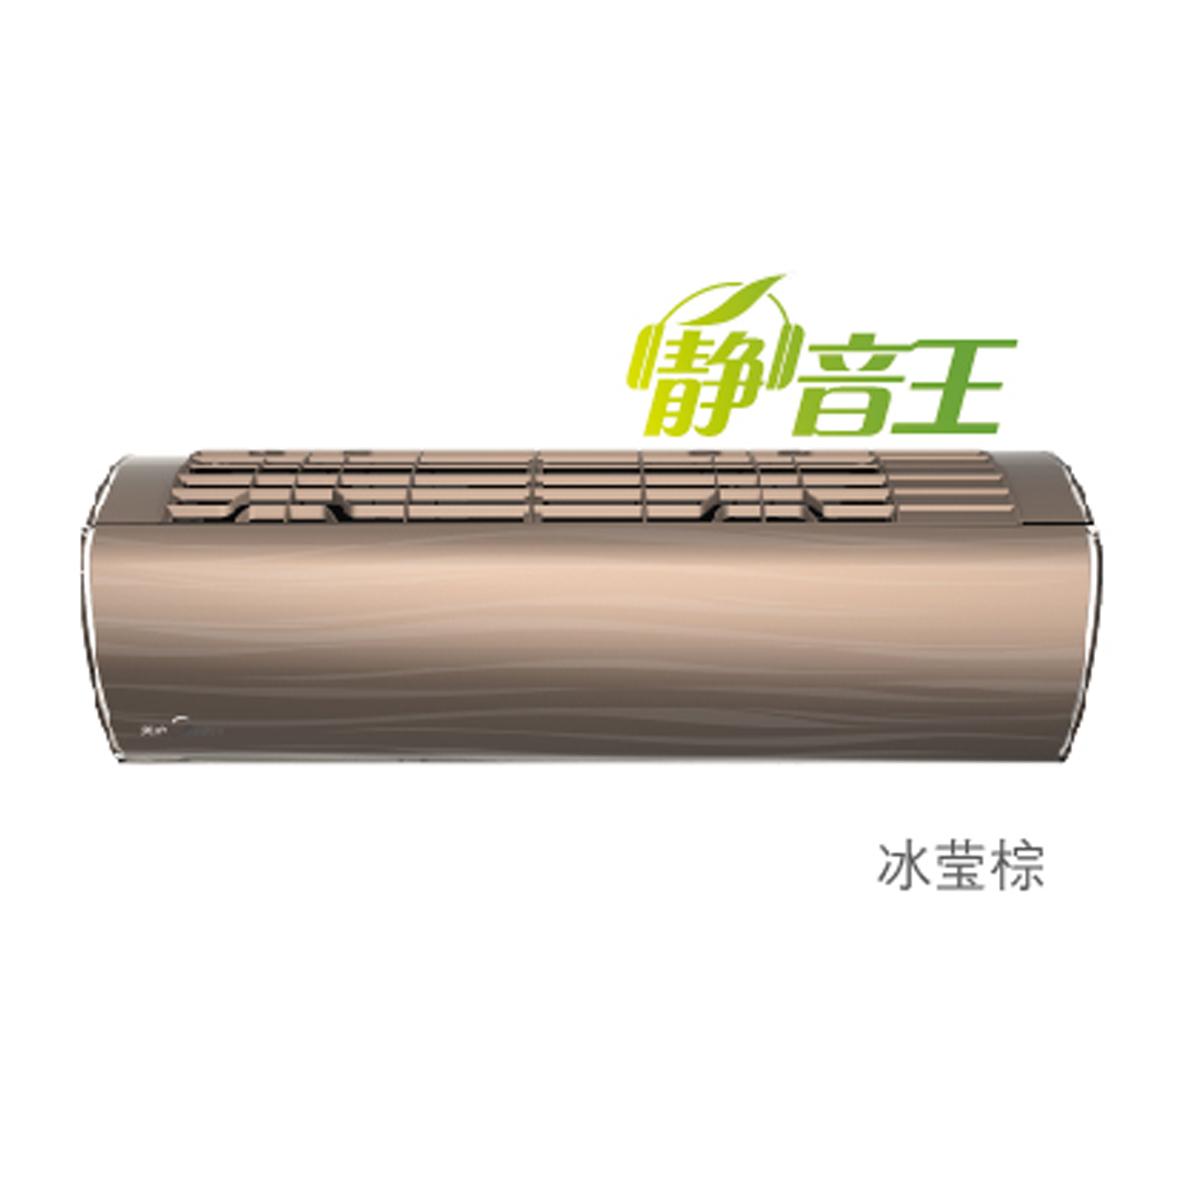 Midea/美的 KFR-35GW/BP3DN1Y-SA200(B2)(冰莹棕)家用空调套机 说明书.pdf